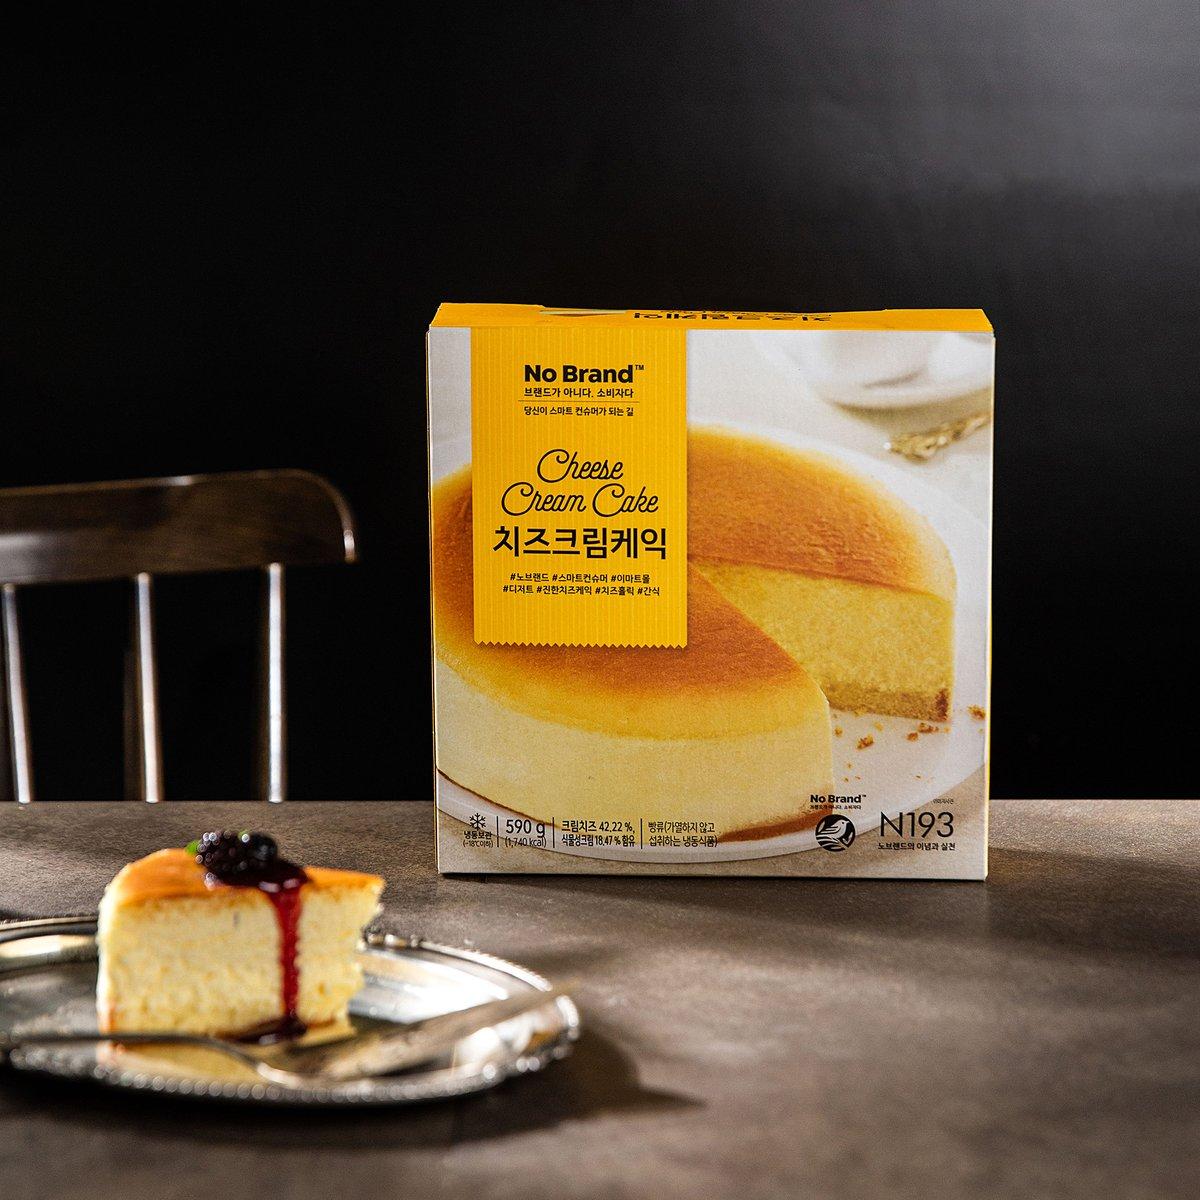 [노브랜드] 치즈 크림 케익 590g